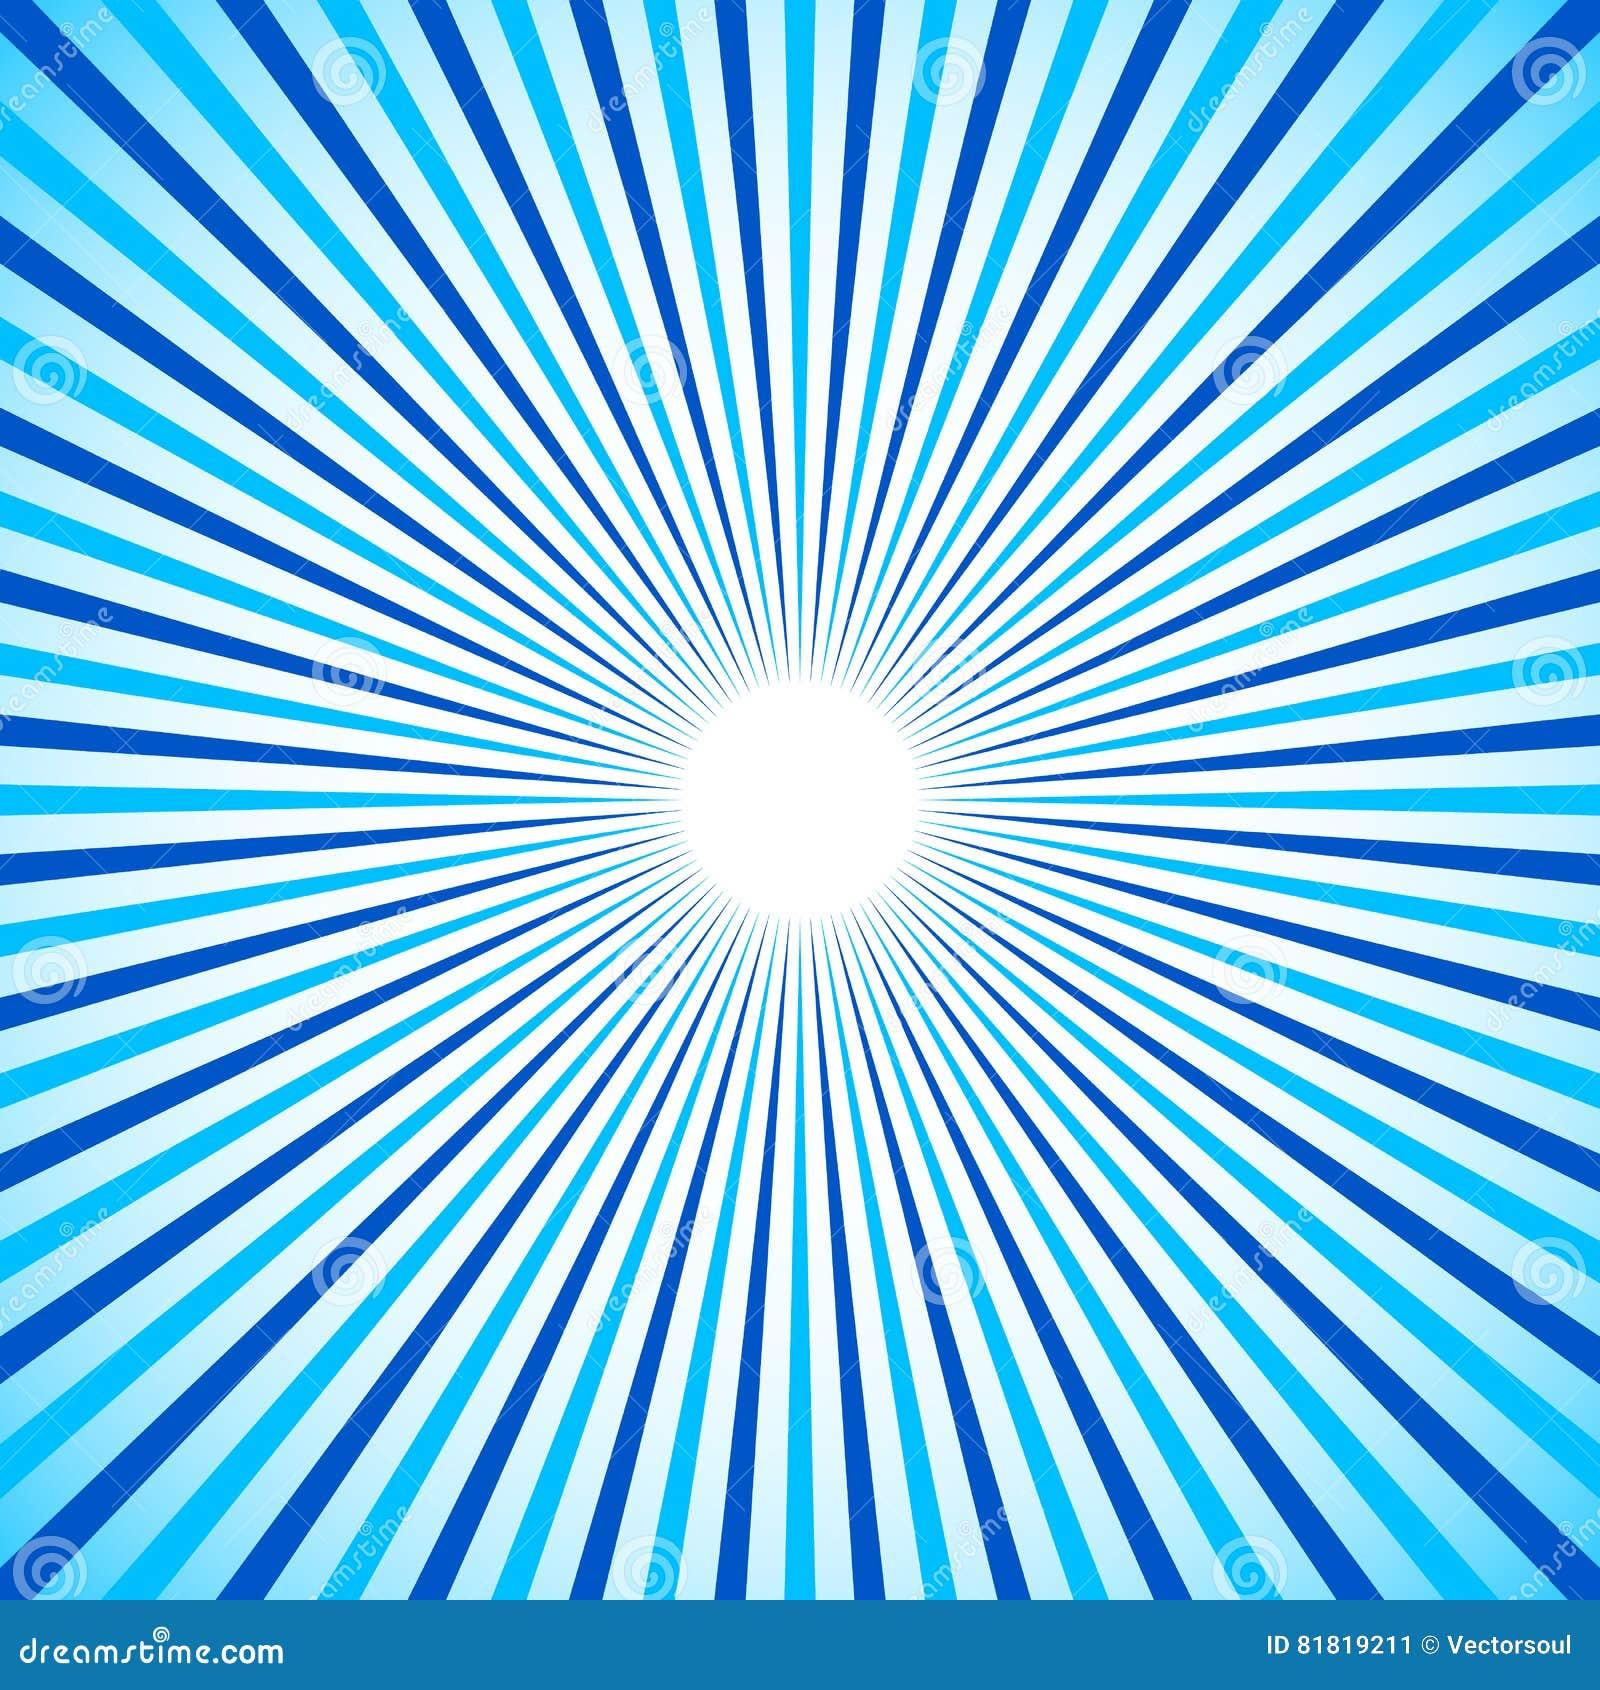 Heldere kleurrijke radiaal, uitstralend lijnen Starburst/zonnestraalbedelaars